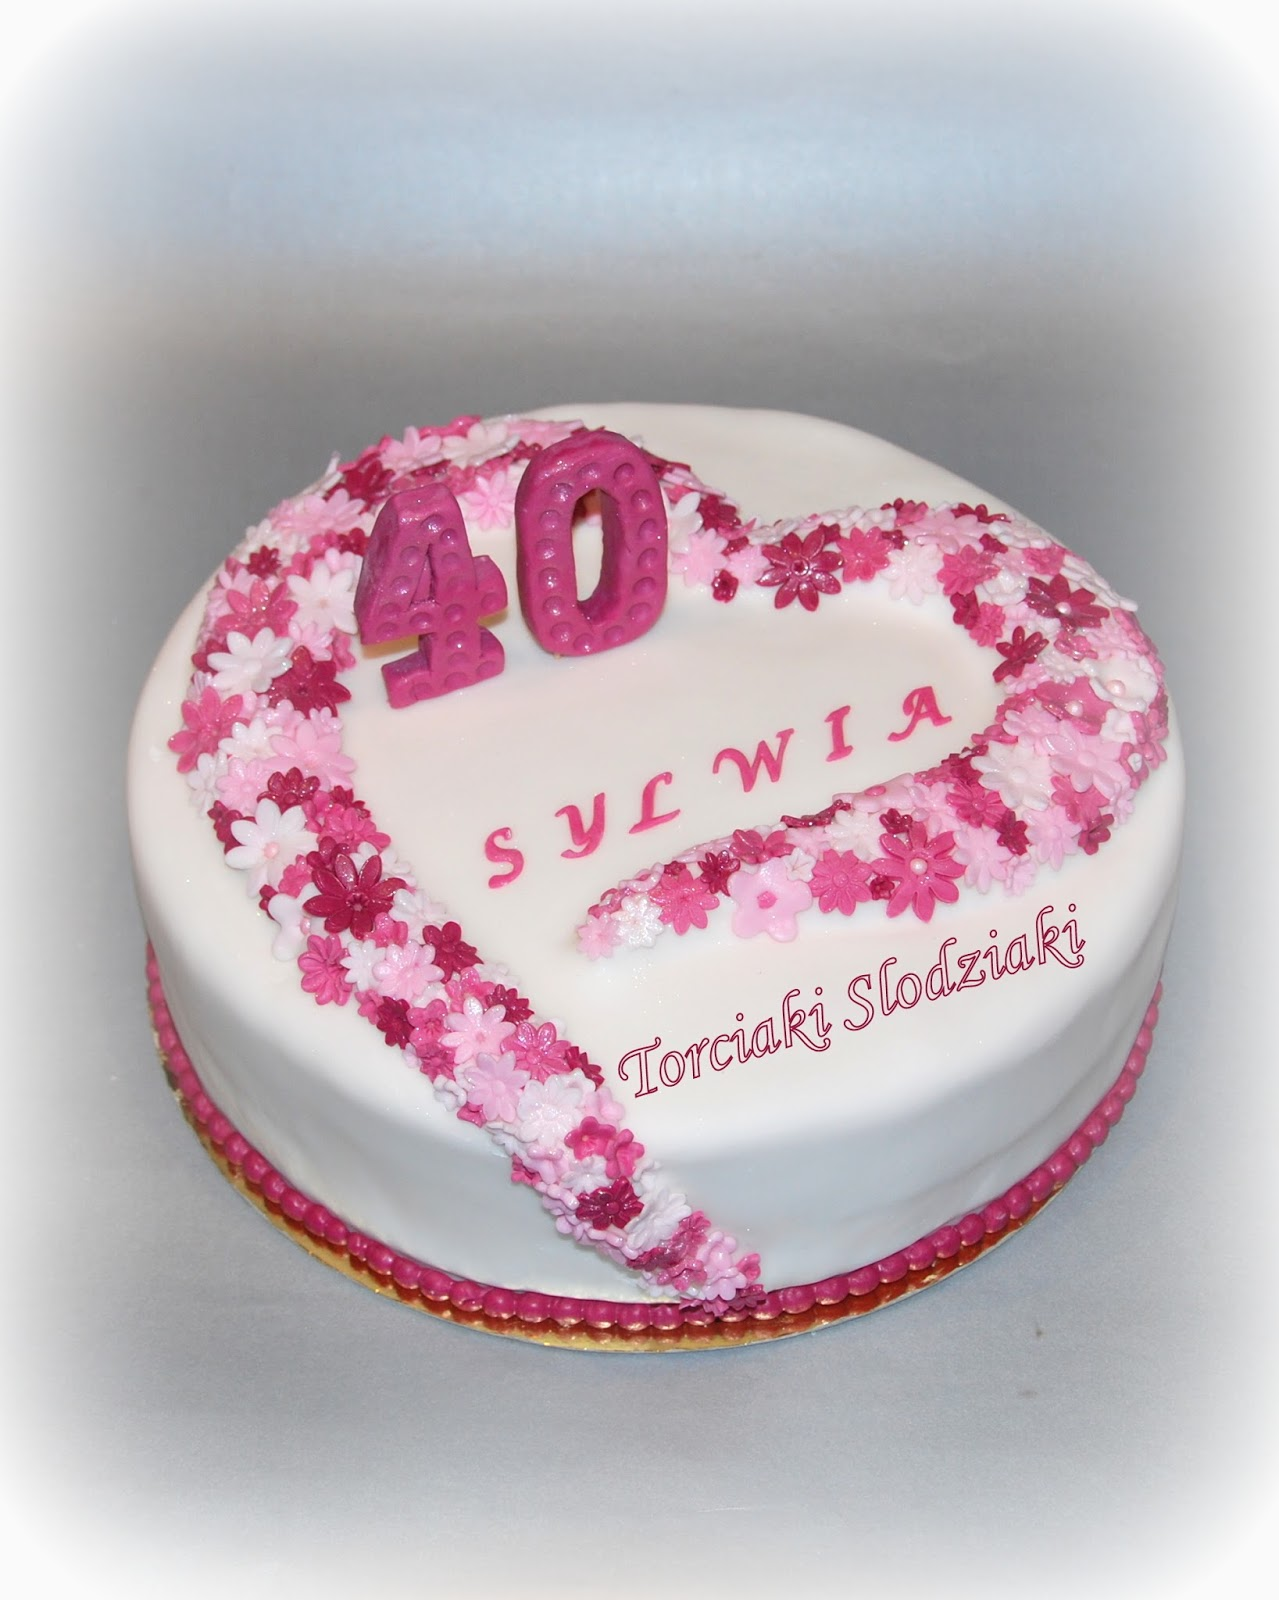 Torty Z Artystyczna Dusza Torciaki Slodziaki Tort Na 40